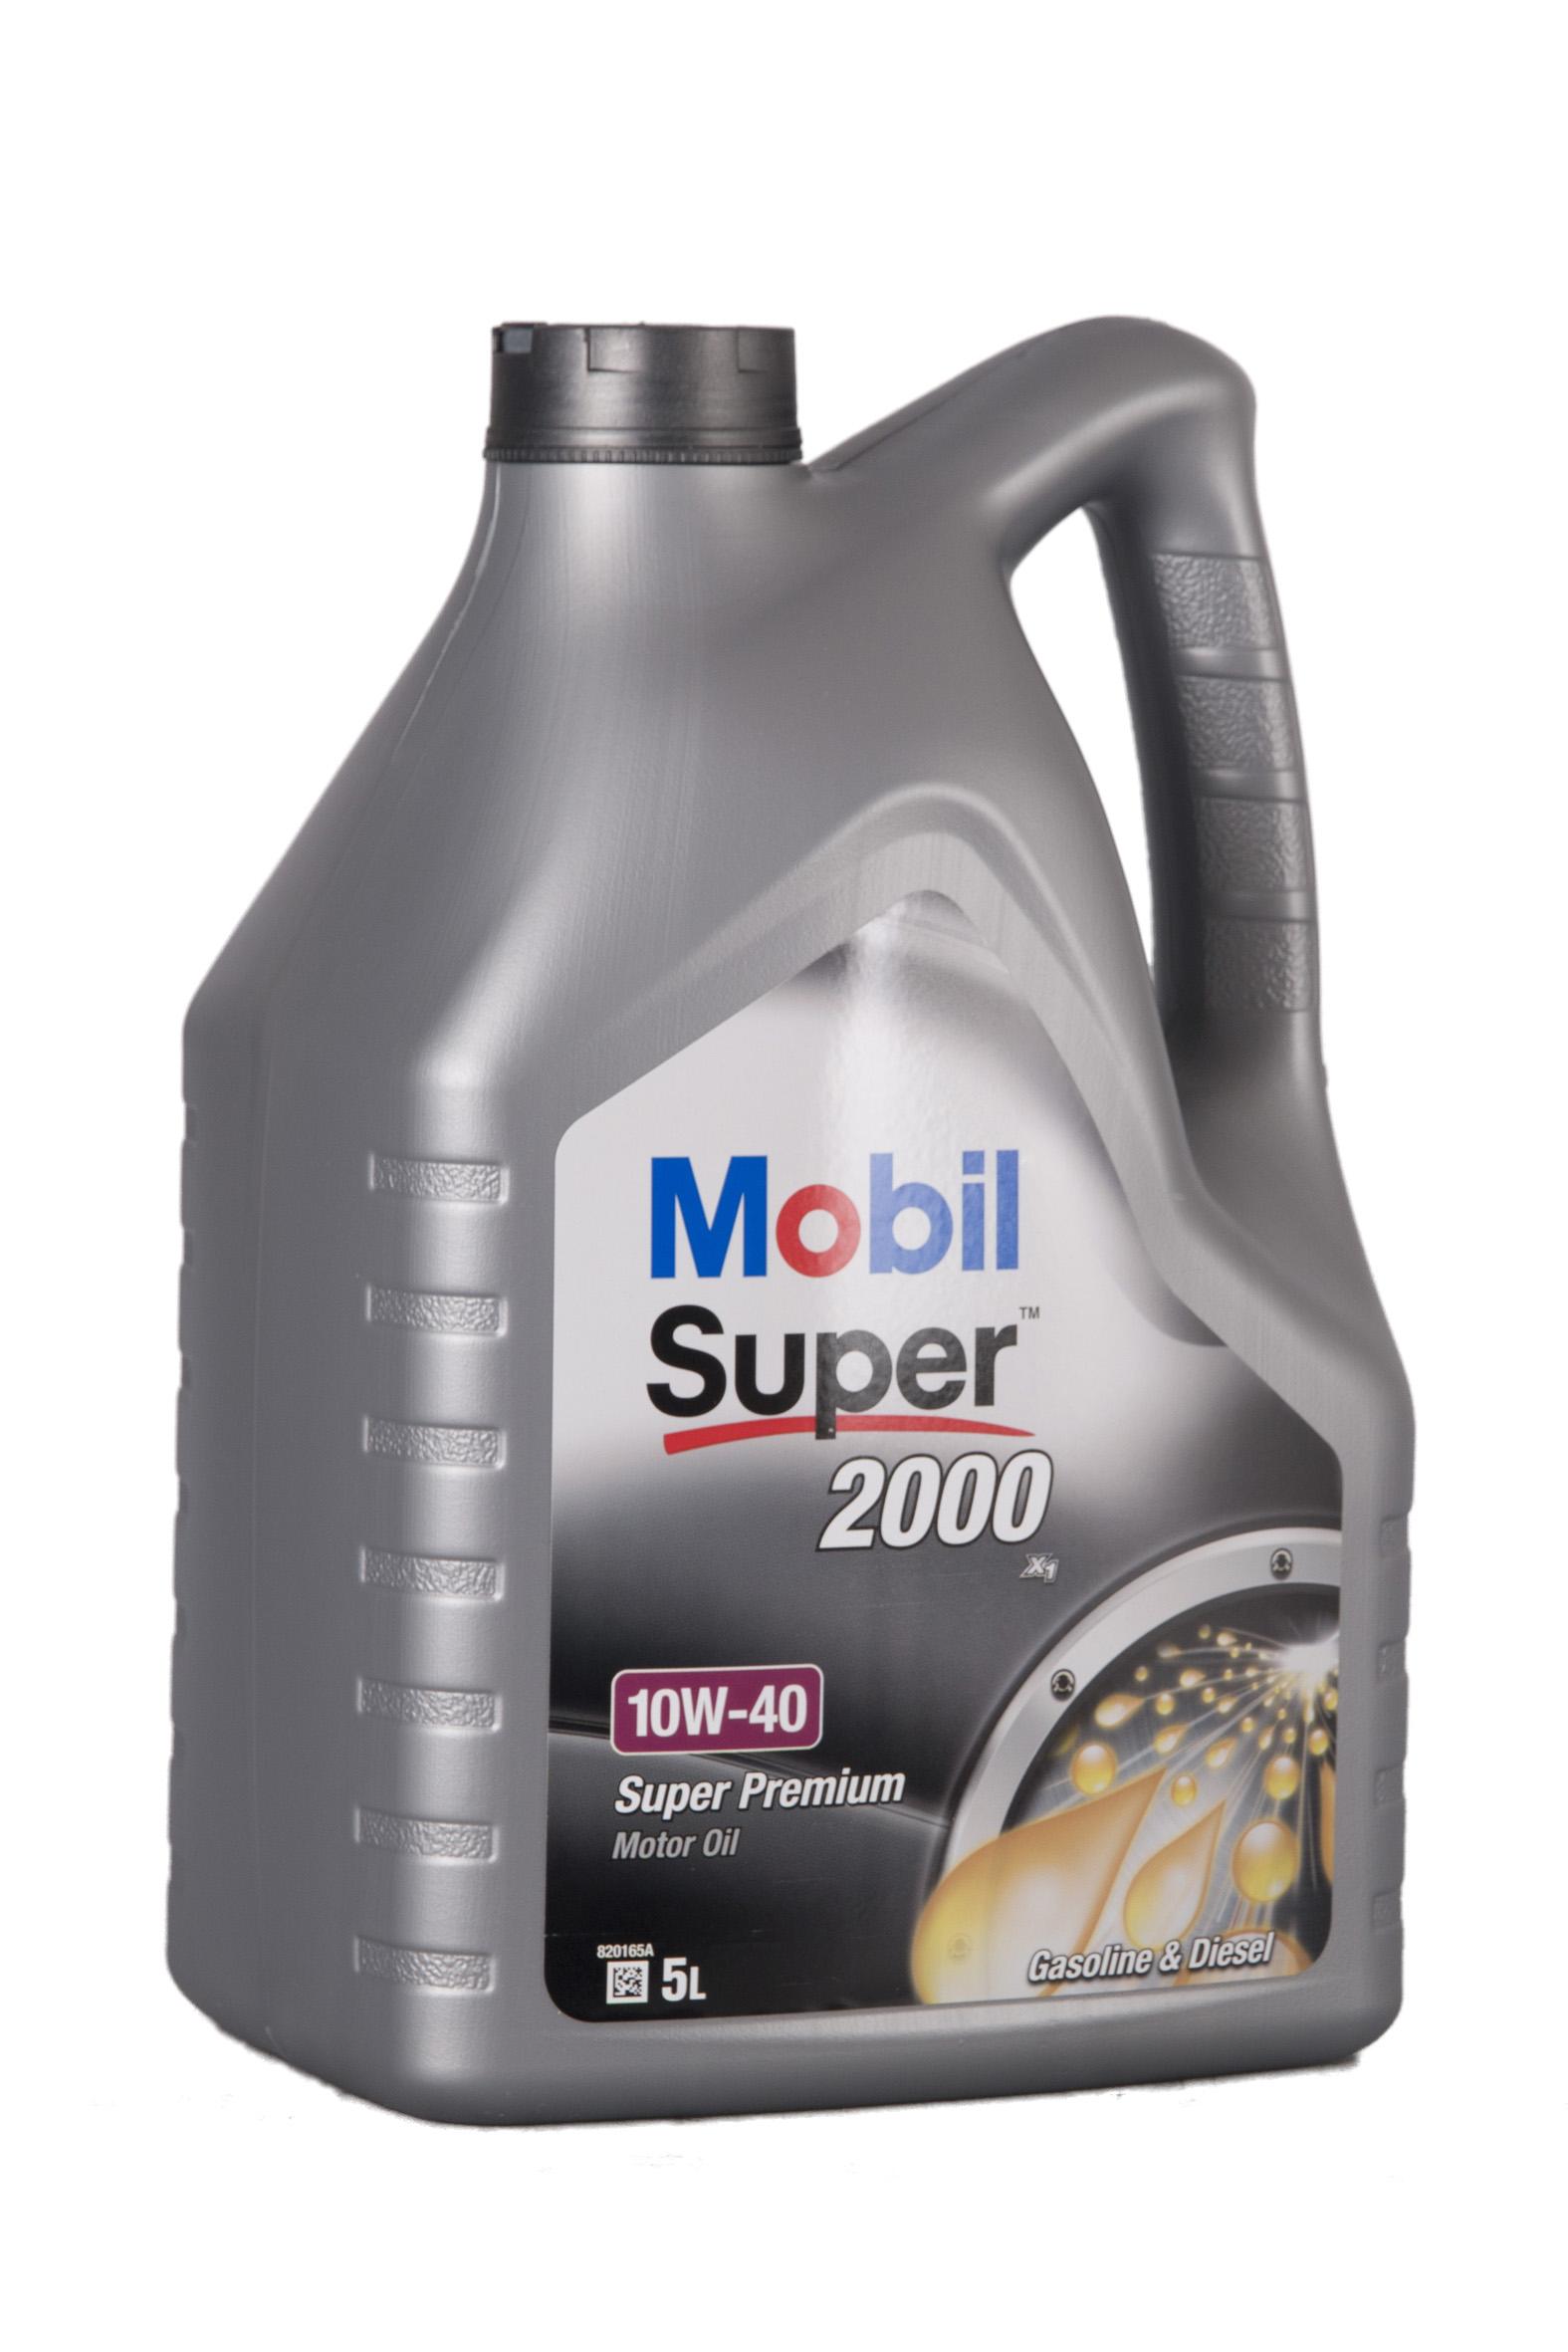 Mobil Super 2000 X1 10W-40 5 Liter – Bild 1